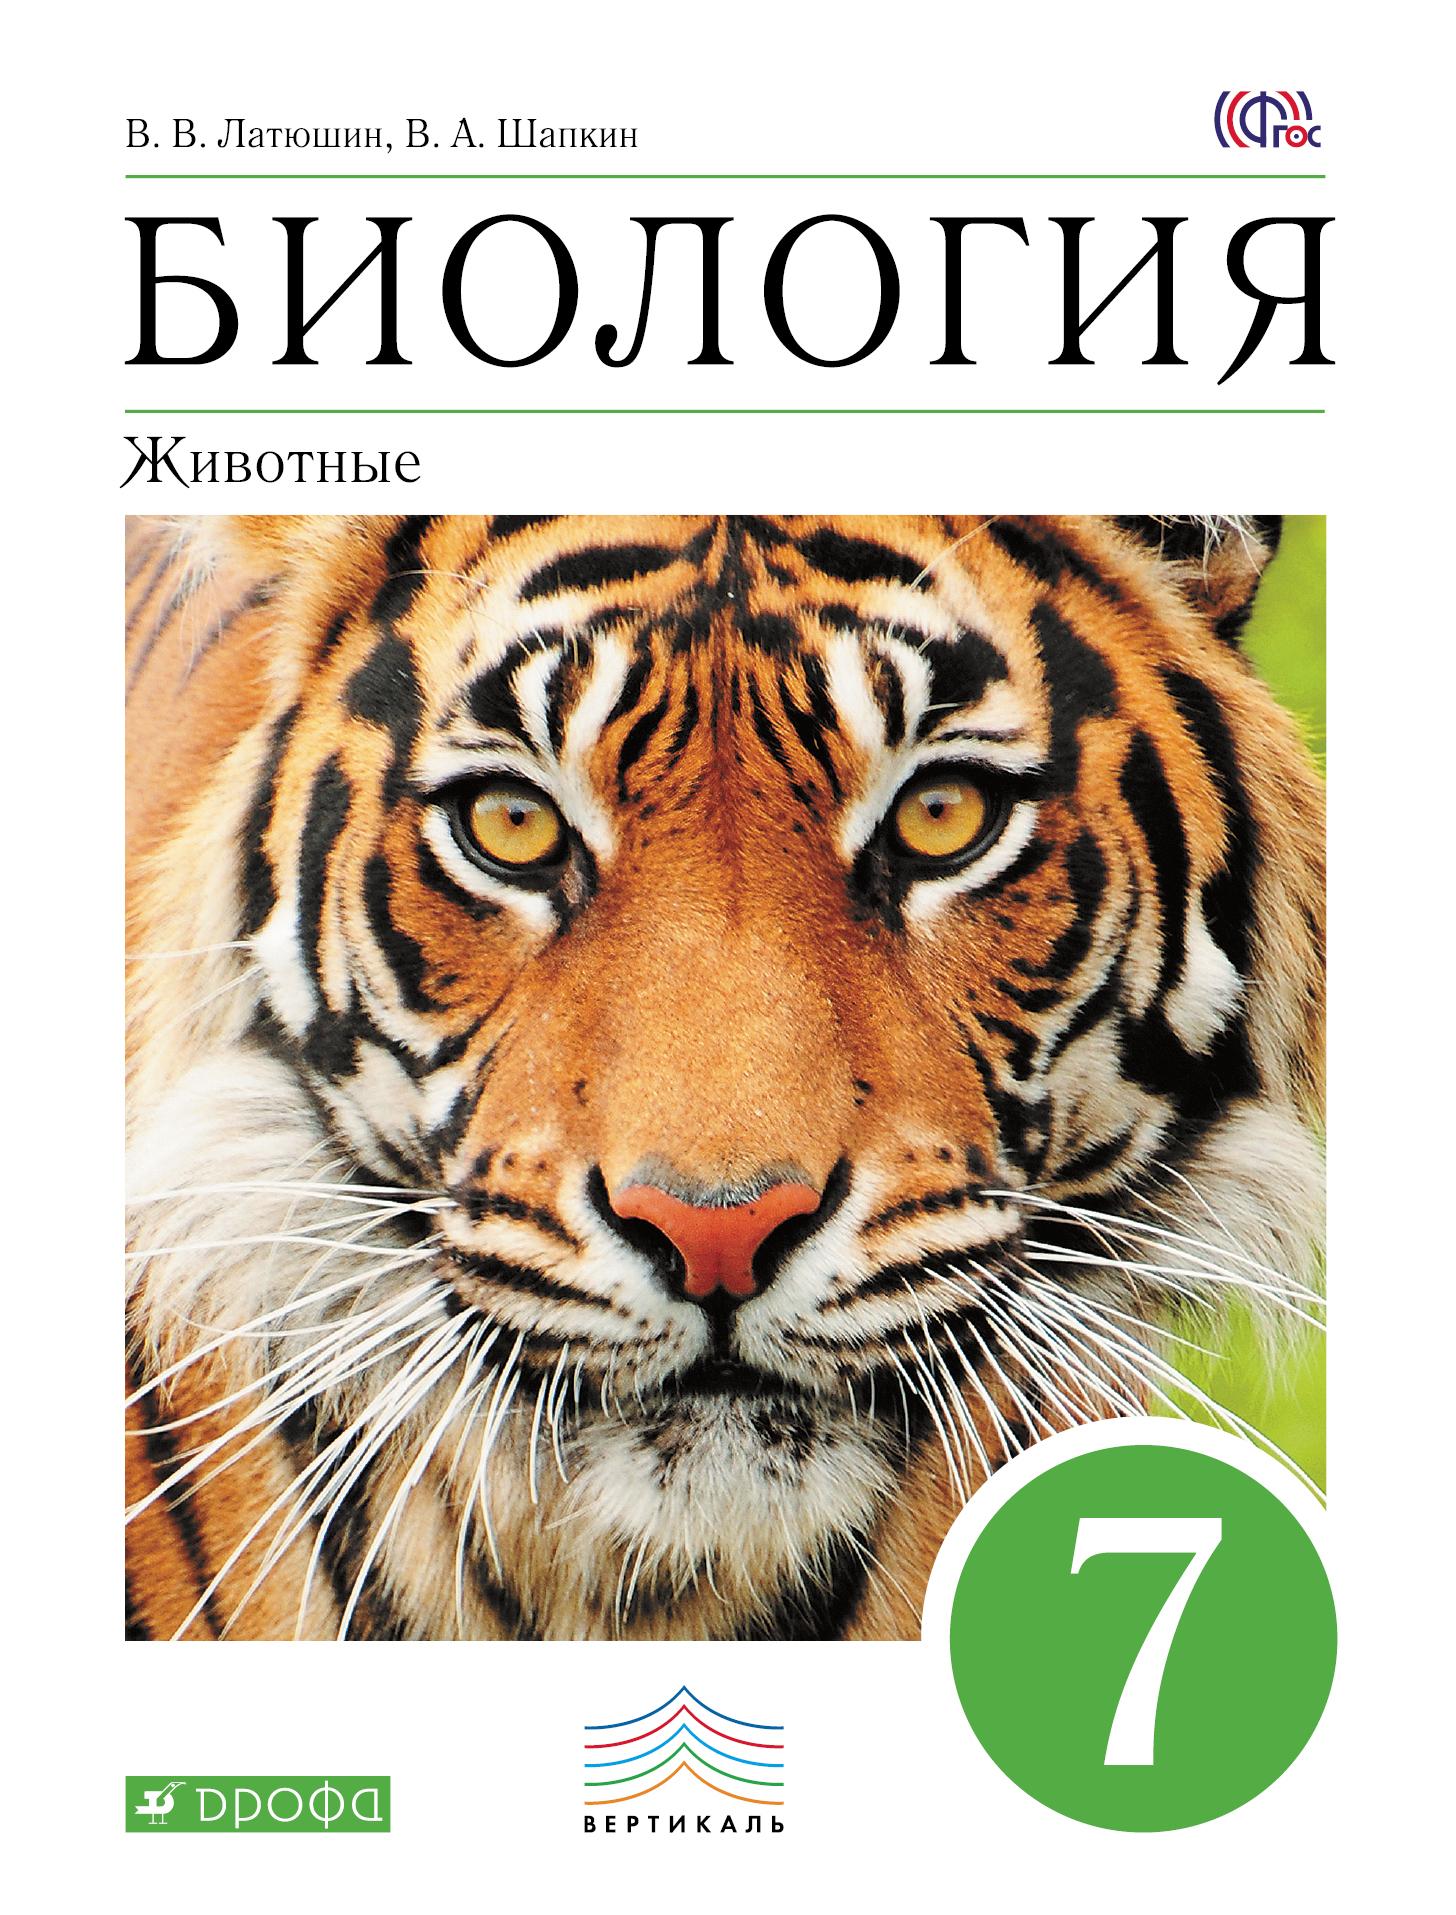 В. В. Латюшин, В. А. Шапкин Биология. 7 класс. Животные. Учебник